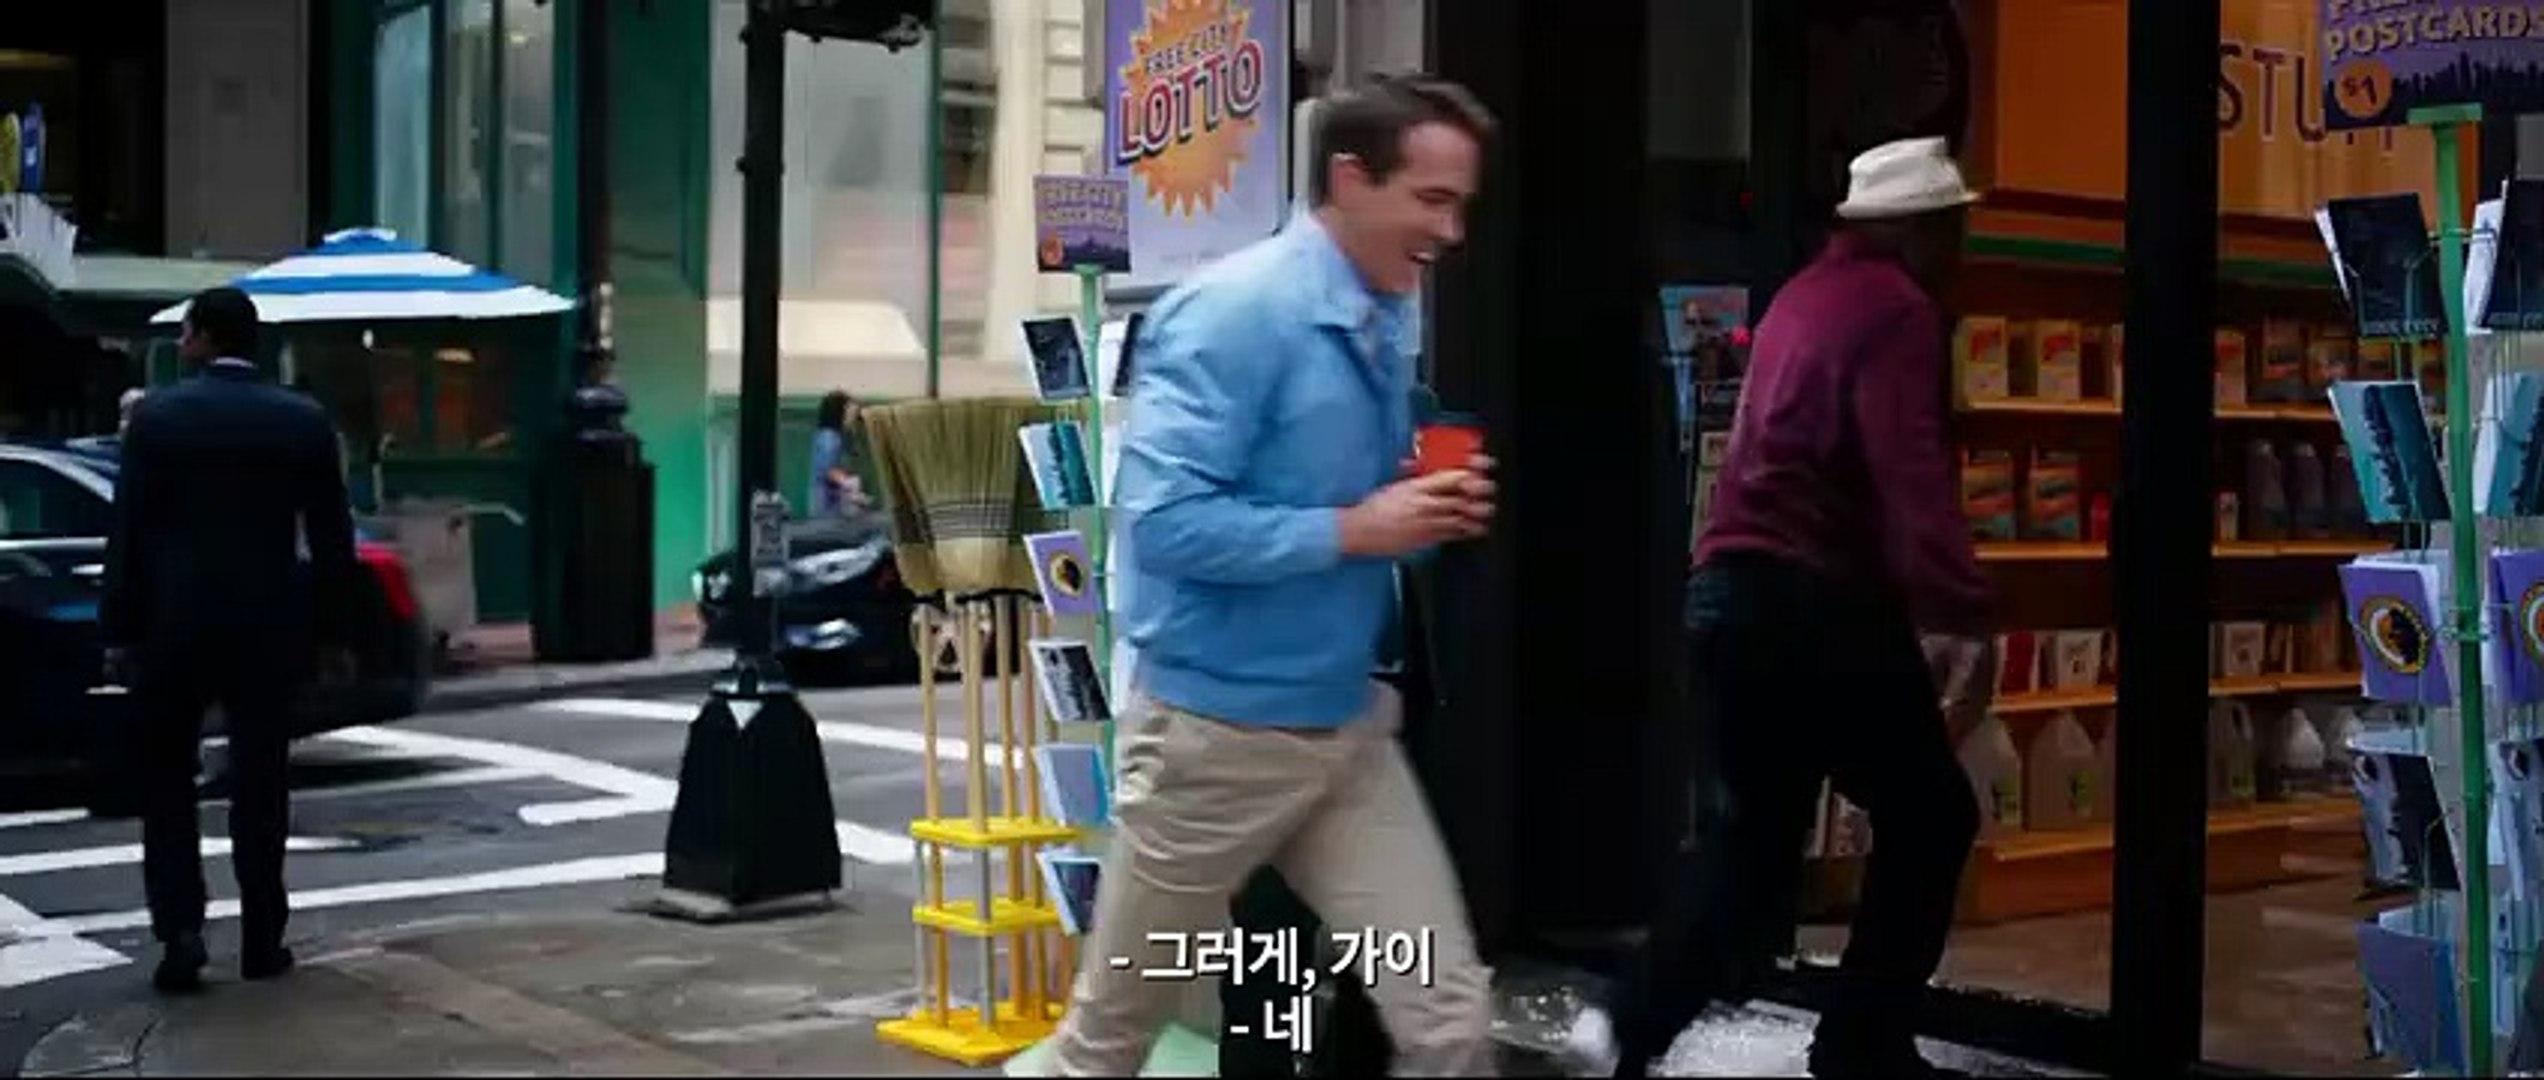 영화 [프리가이 ] - Free Guy